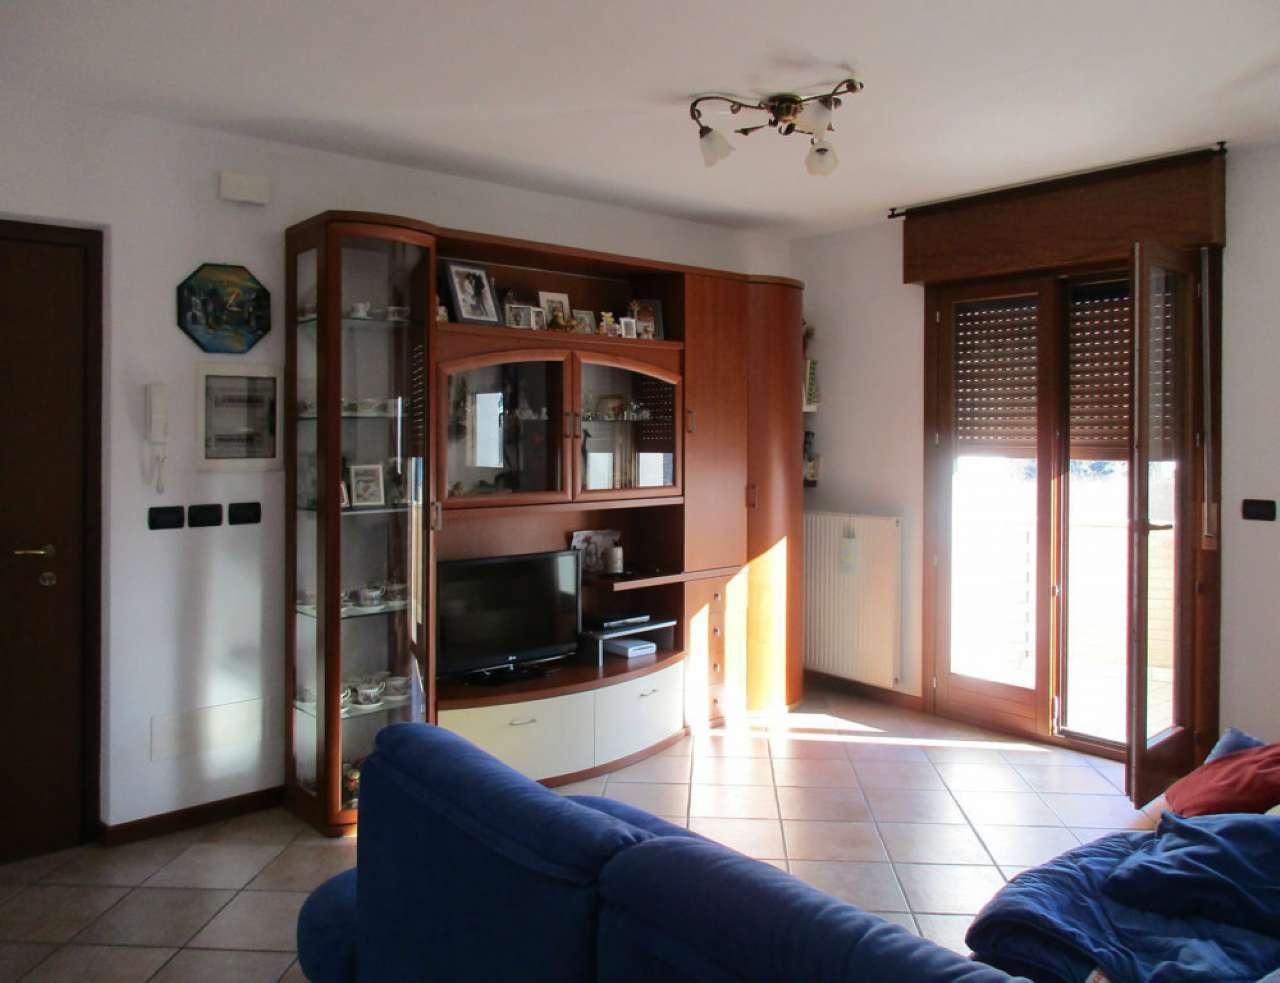 Appartamento bicamere bilivello in vendita a Terenzano